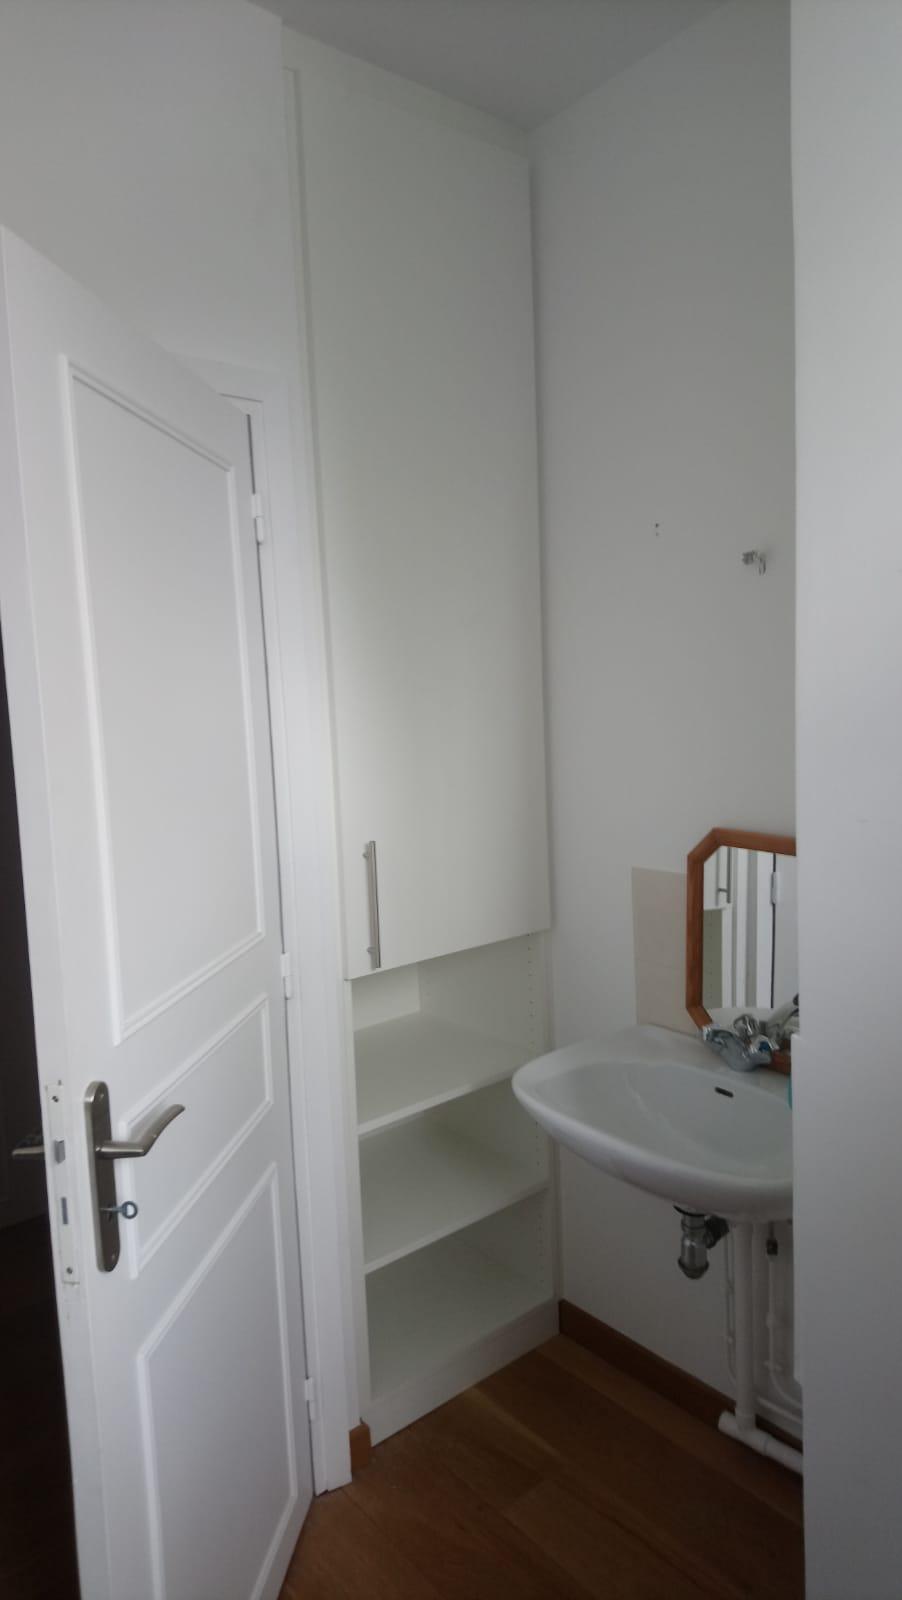 Agencement d'un petit placard dans une salle de bain